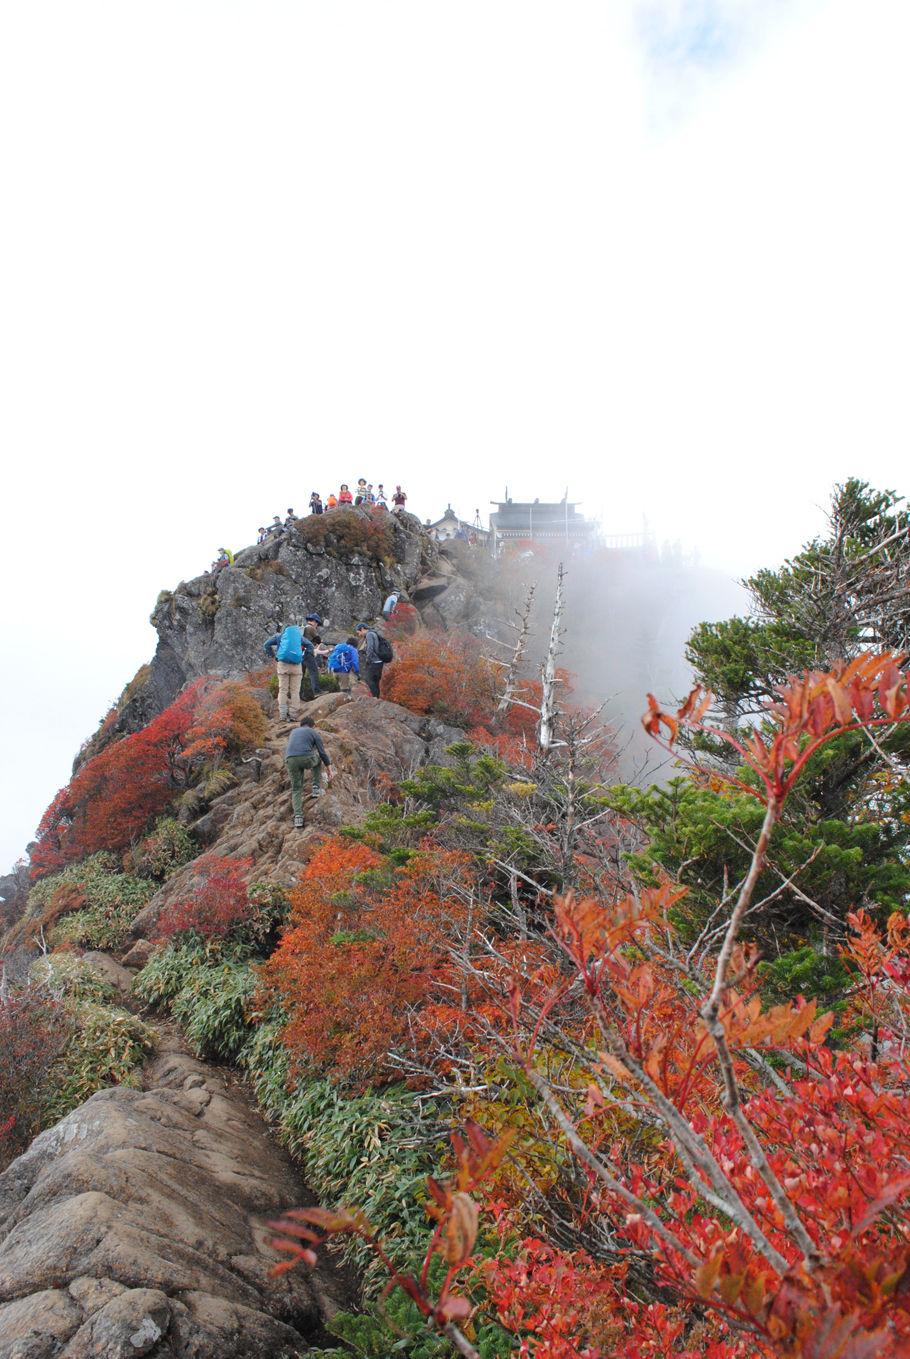 天狗岳の稜線から弥山を望む。山頂には大勢の登山者がいる